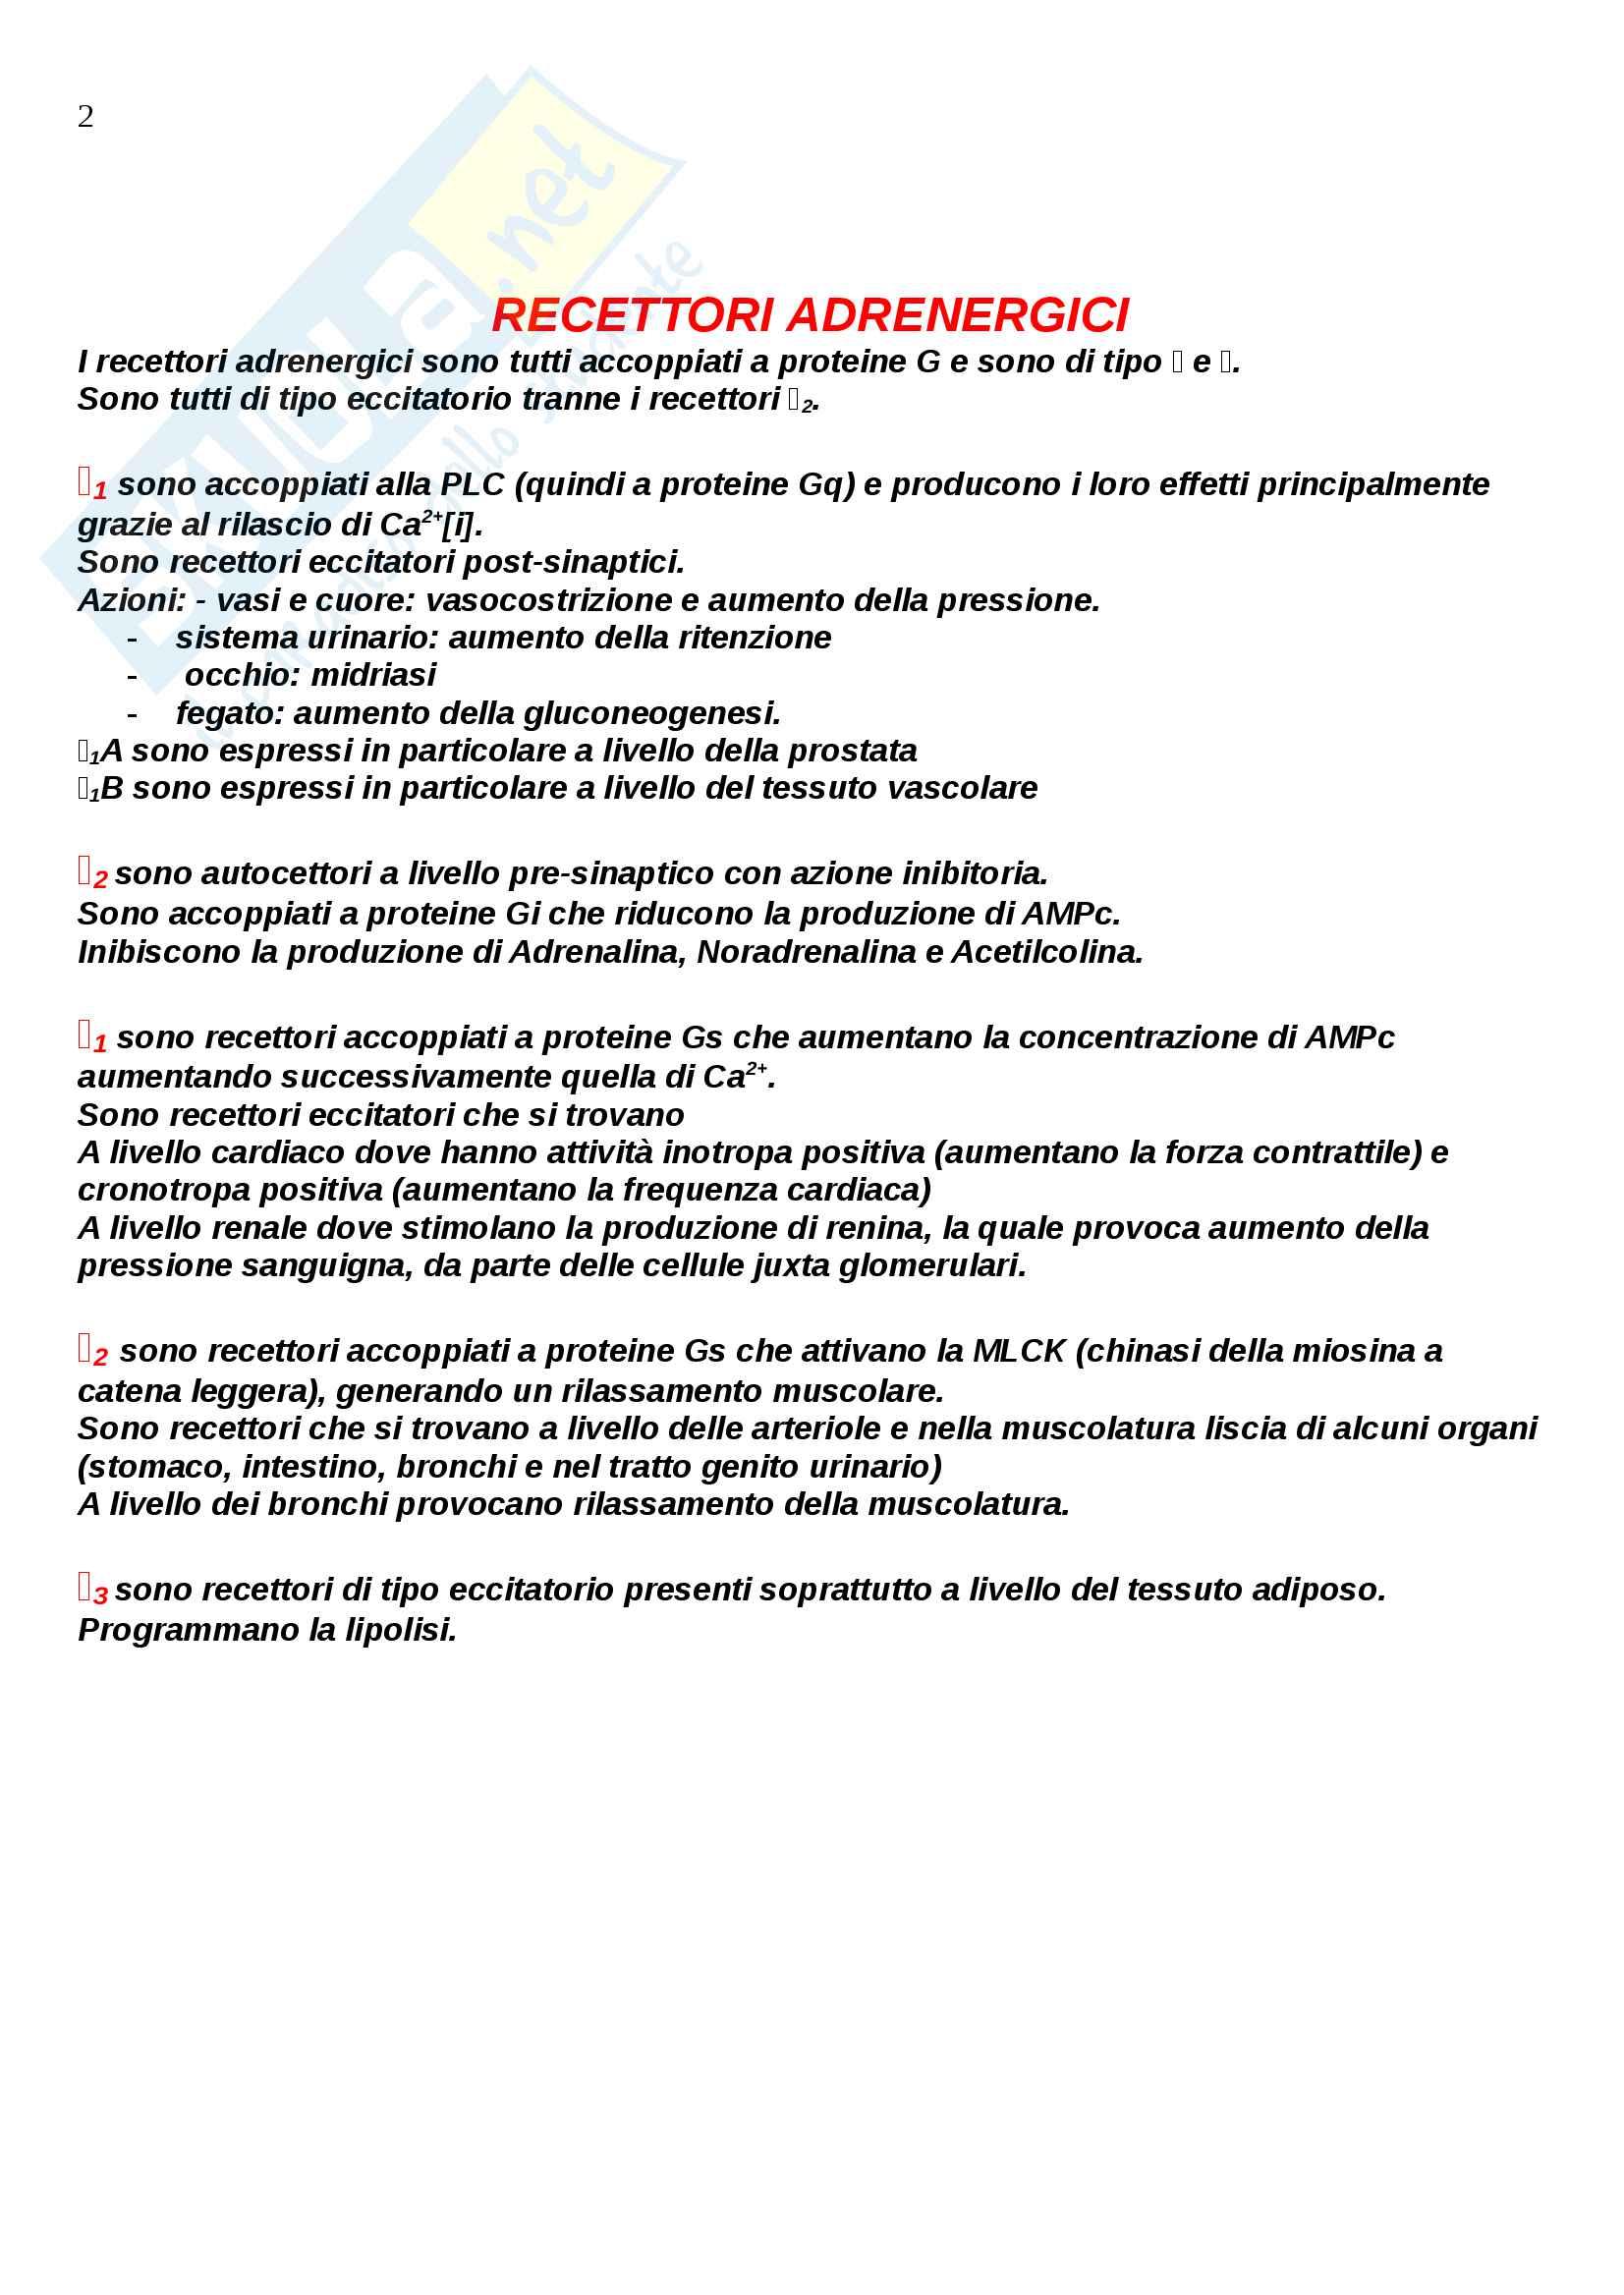 Chimica farmaceutica 2 Pag. 2